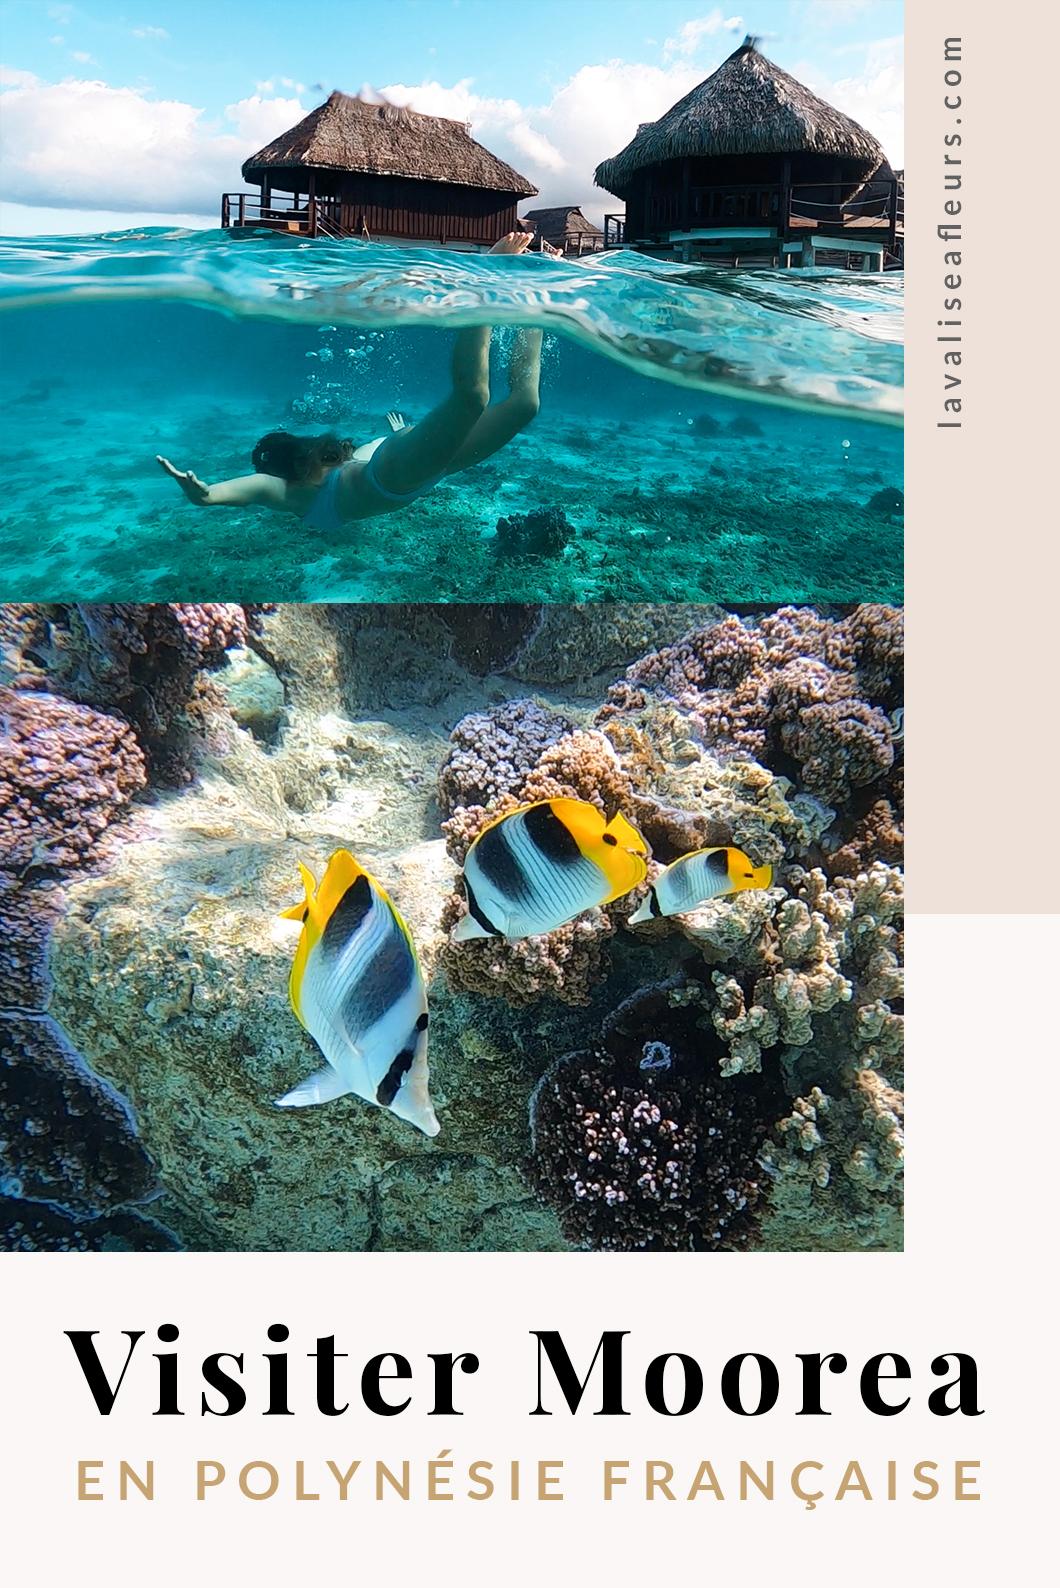 Que visiter à Moorea en Polynésie Française ?